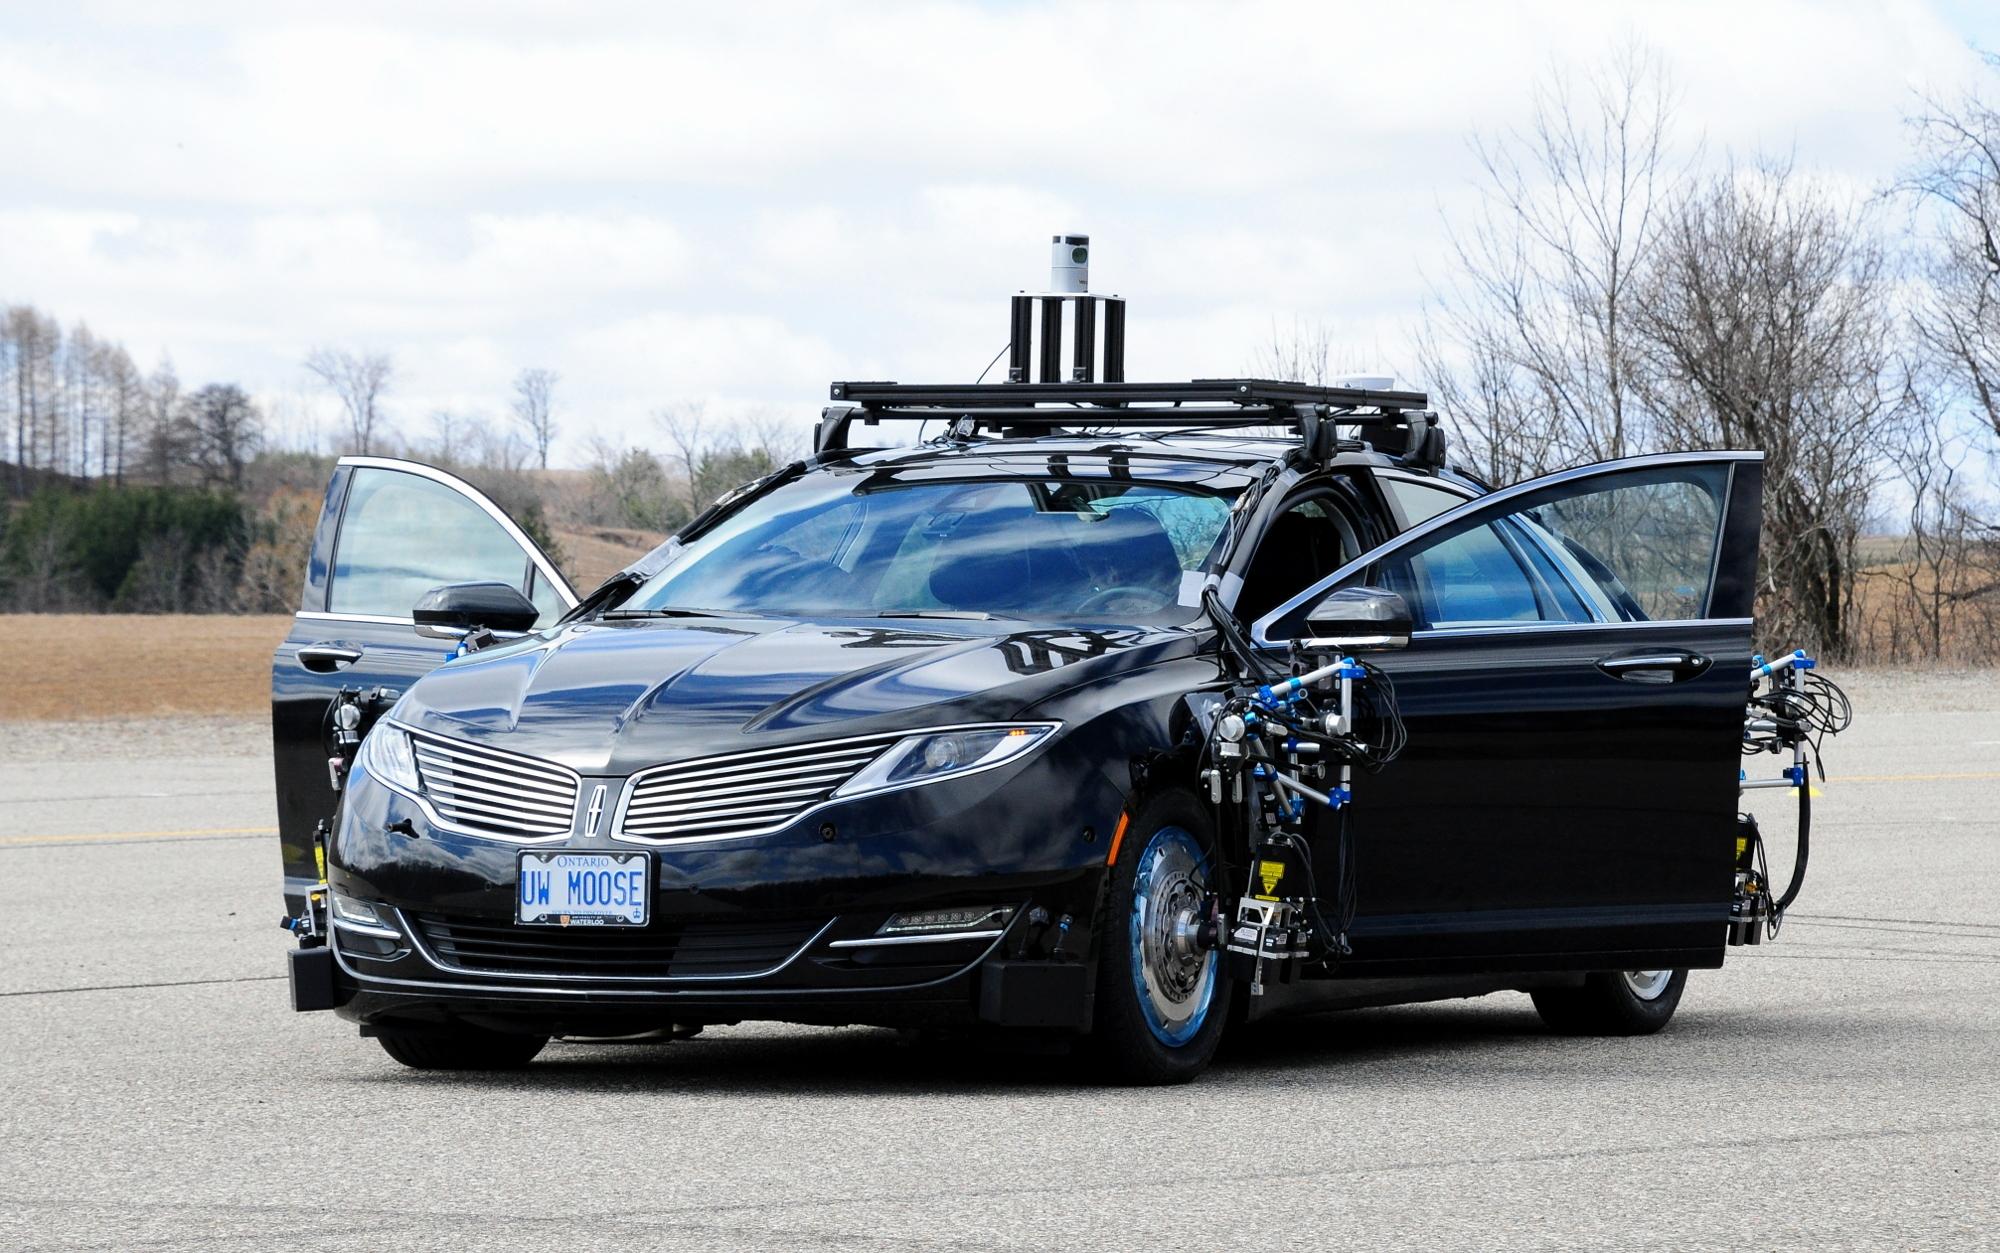 UW Moose autonomous vehicle